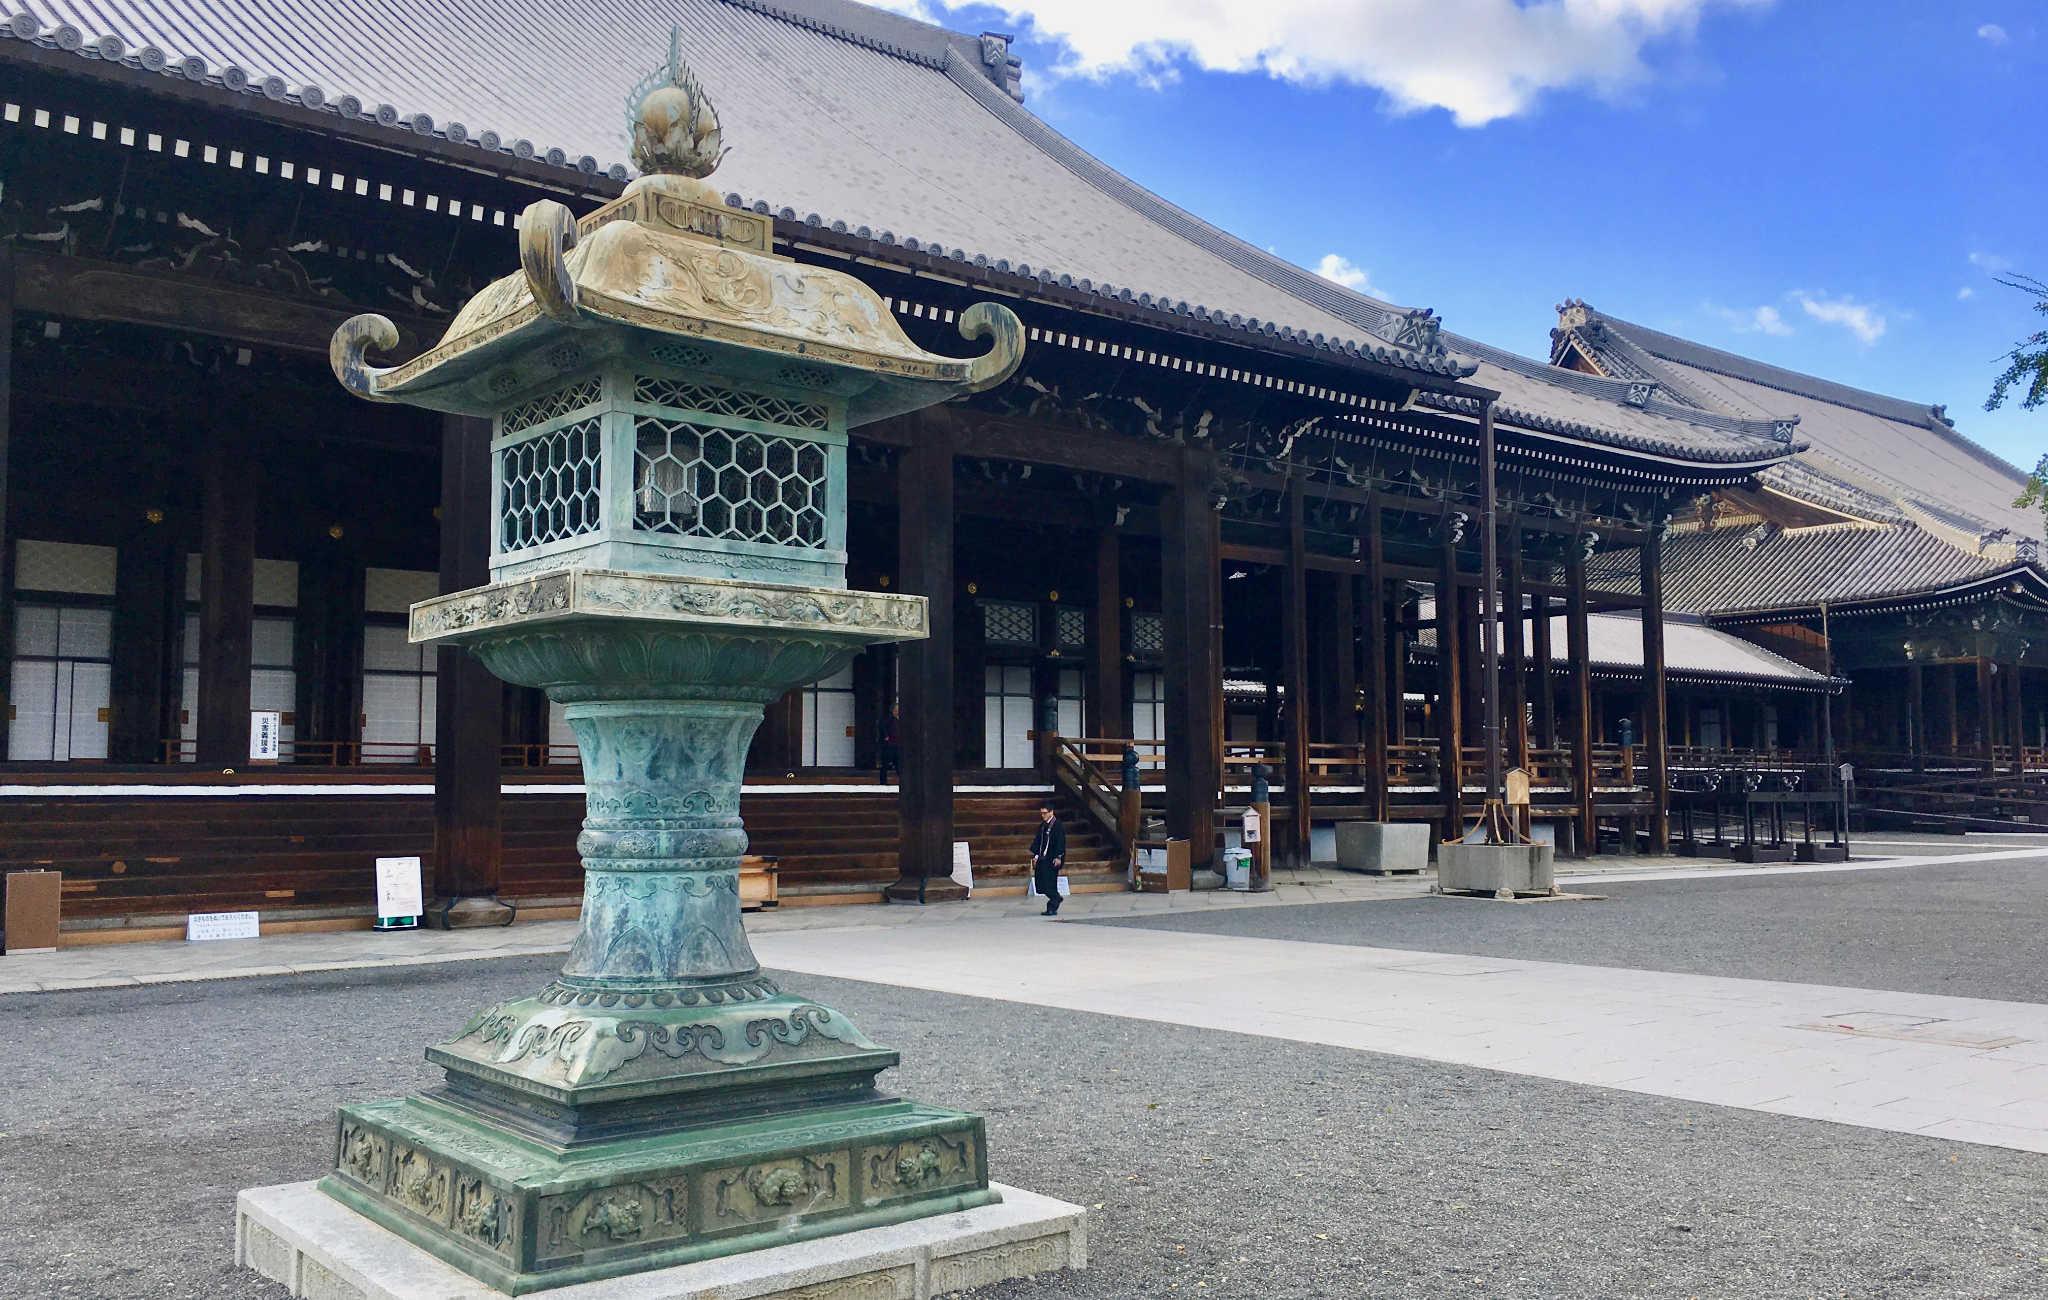 De grosses lanternes sont placées dans l'enceinte du temple